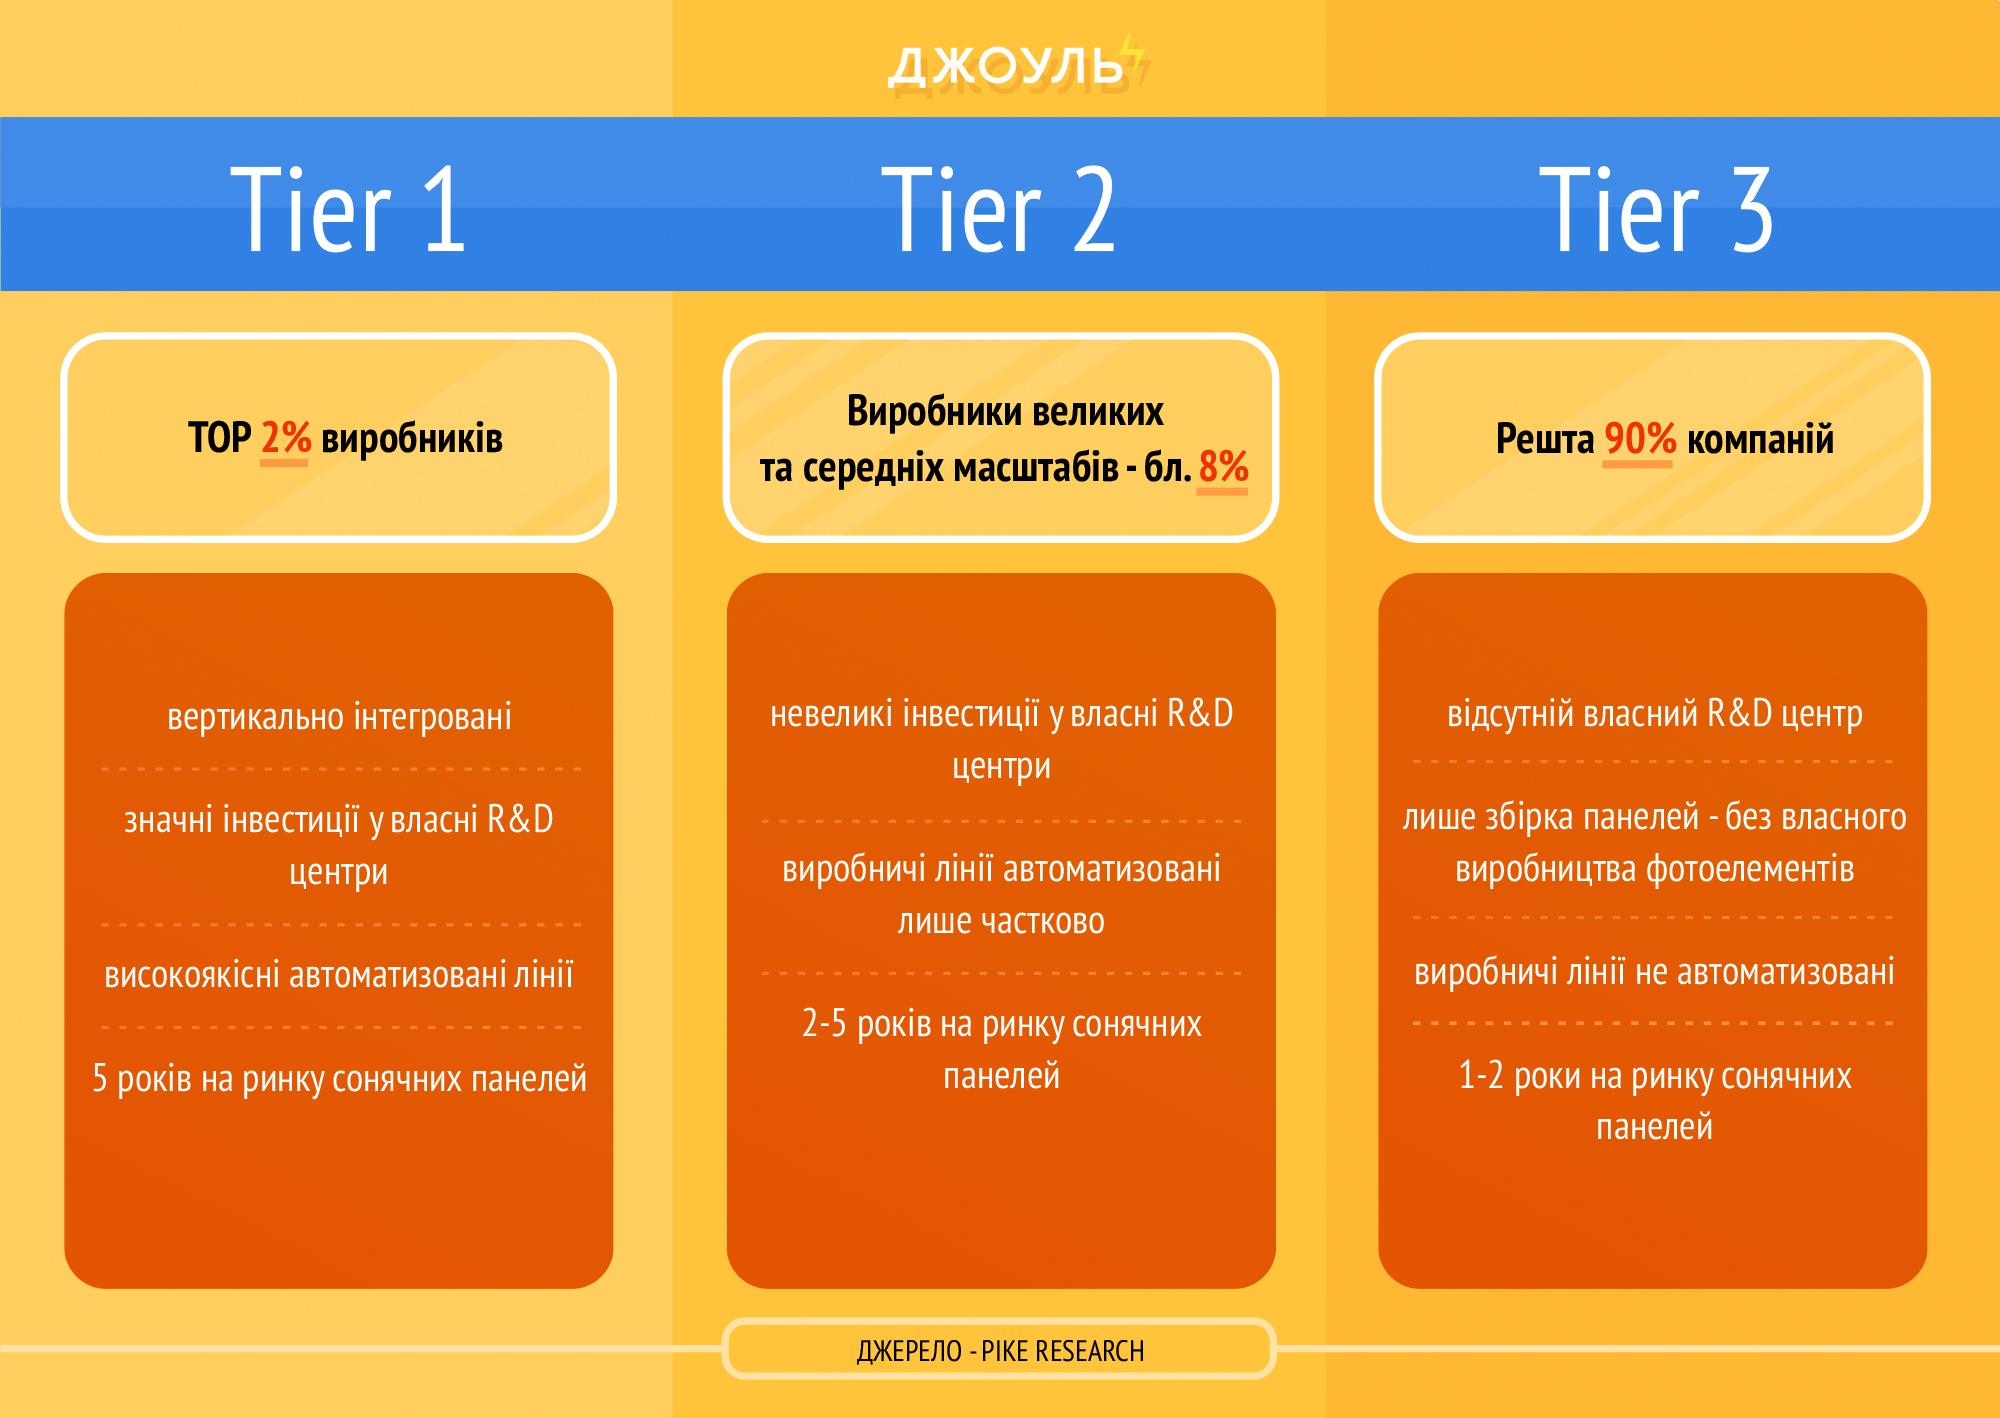 Різниця між рейтингами Tier 1, Tier 2 та Tier 3